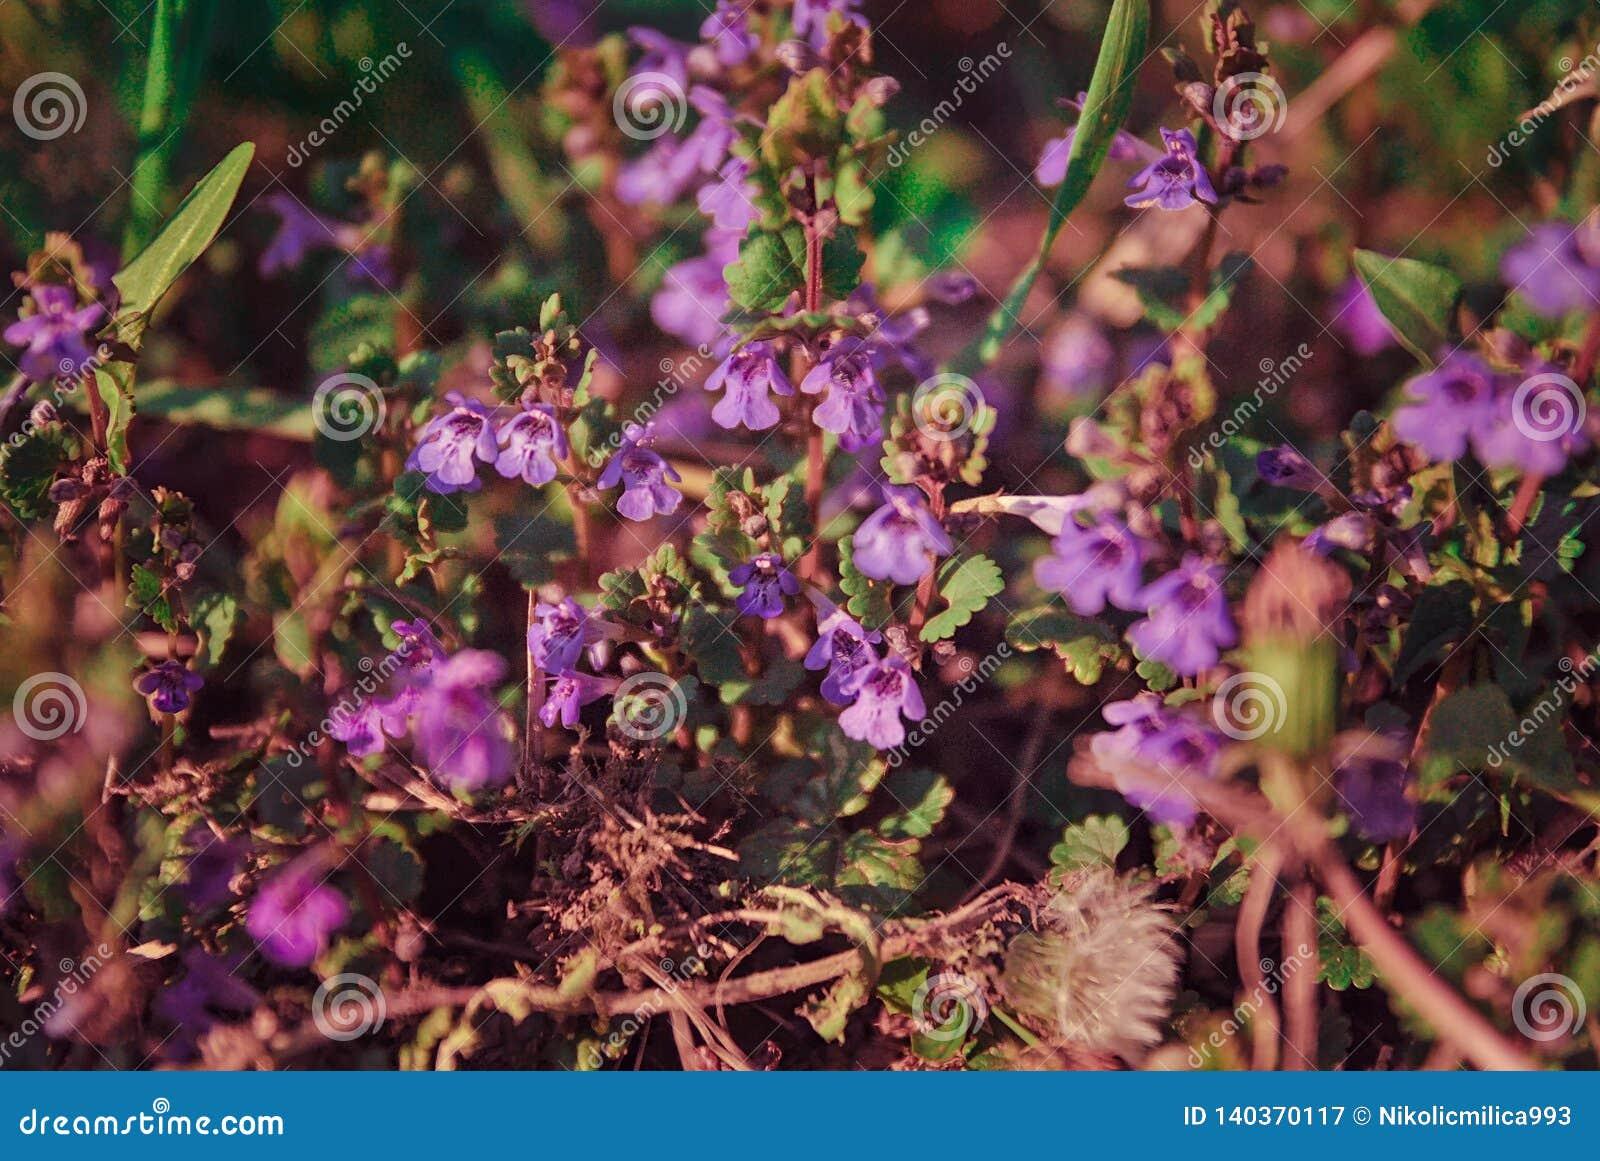 Kleine wilde purpere bloemen op het gebied